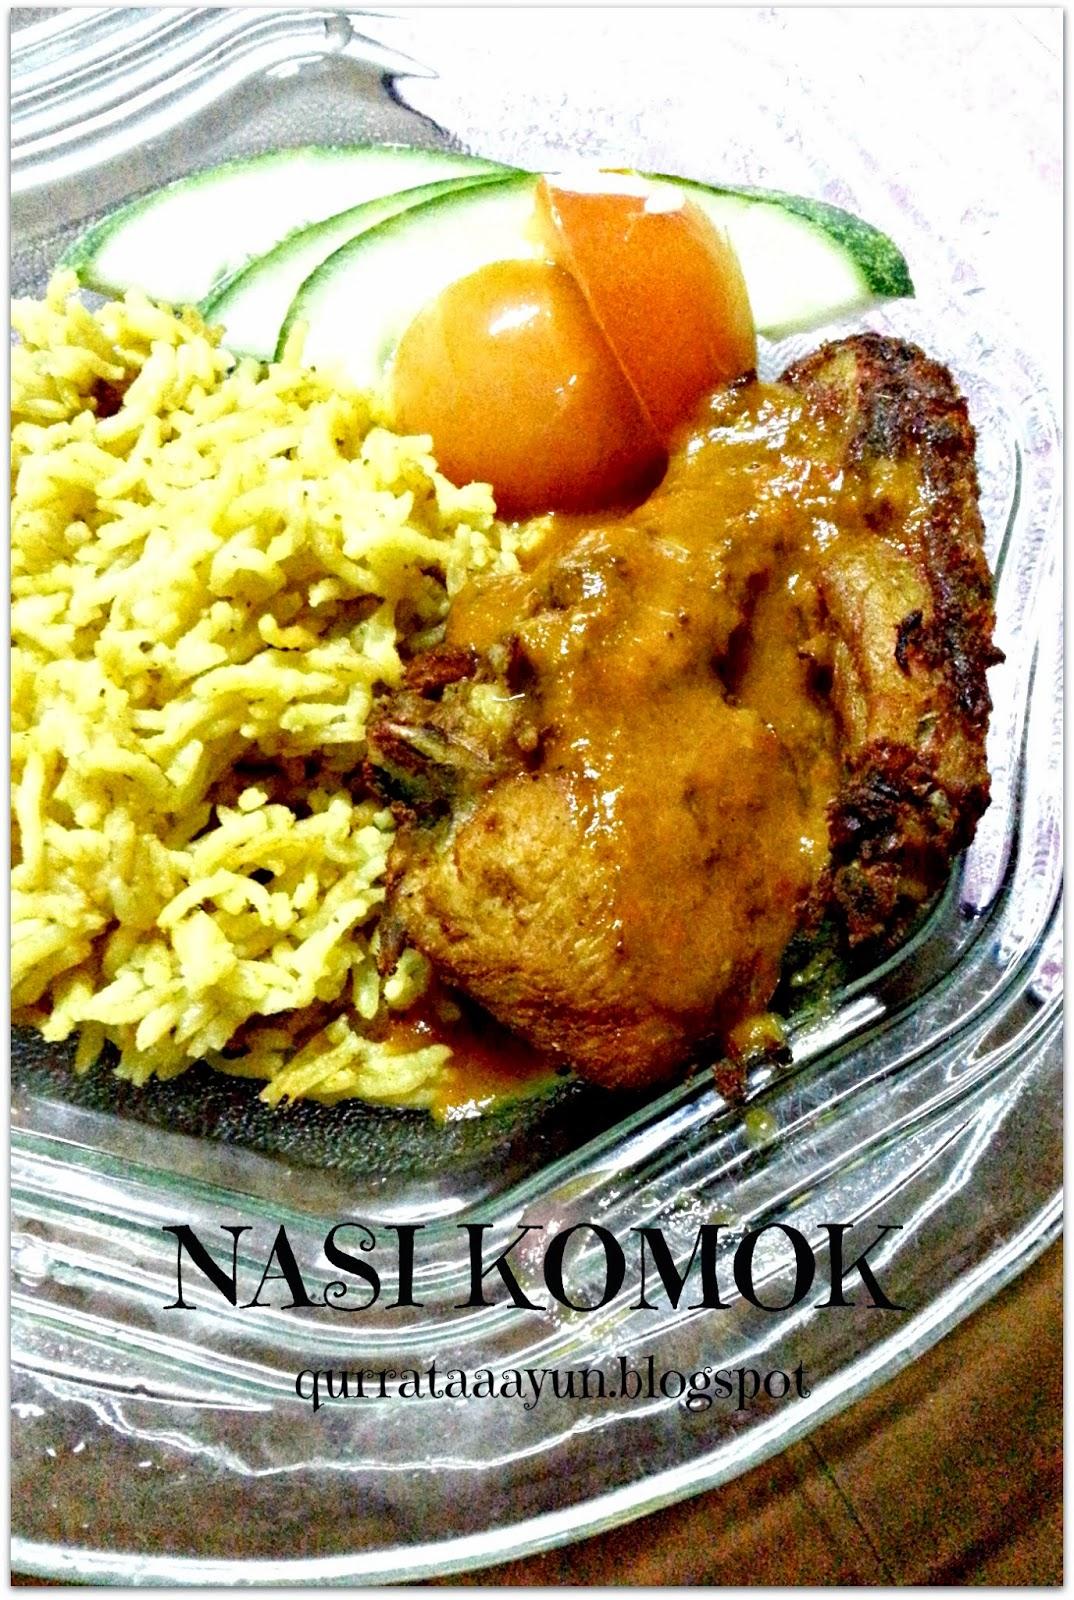 Resepi Nasi Komok Azie Kitchen